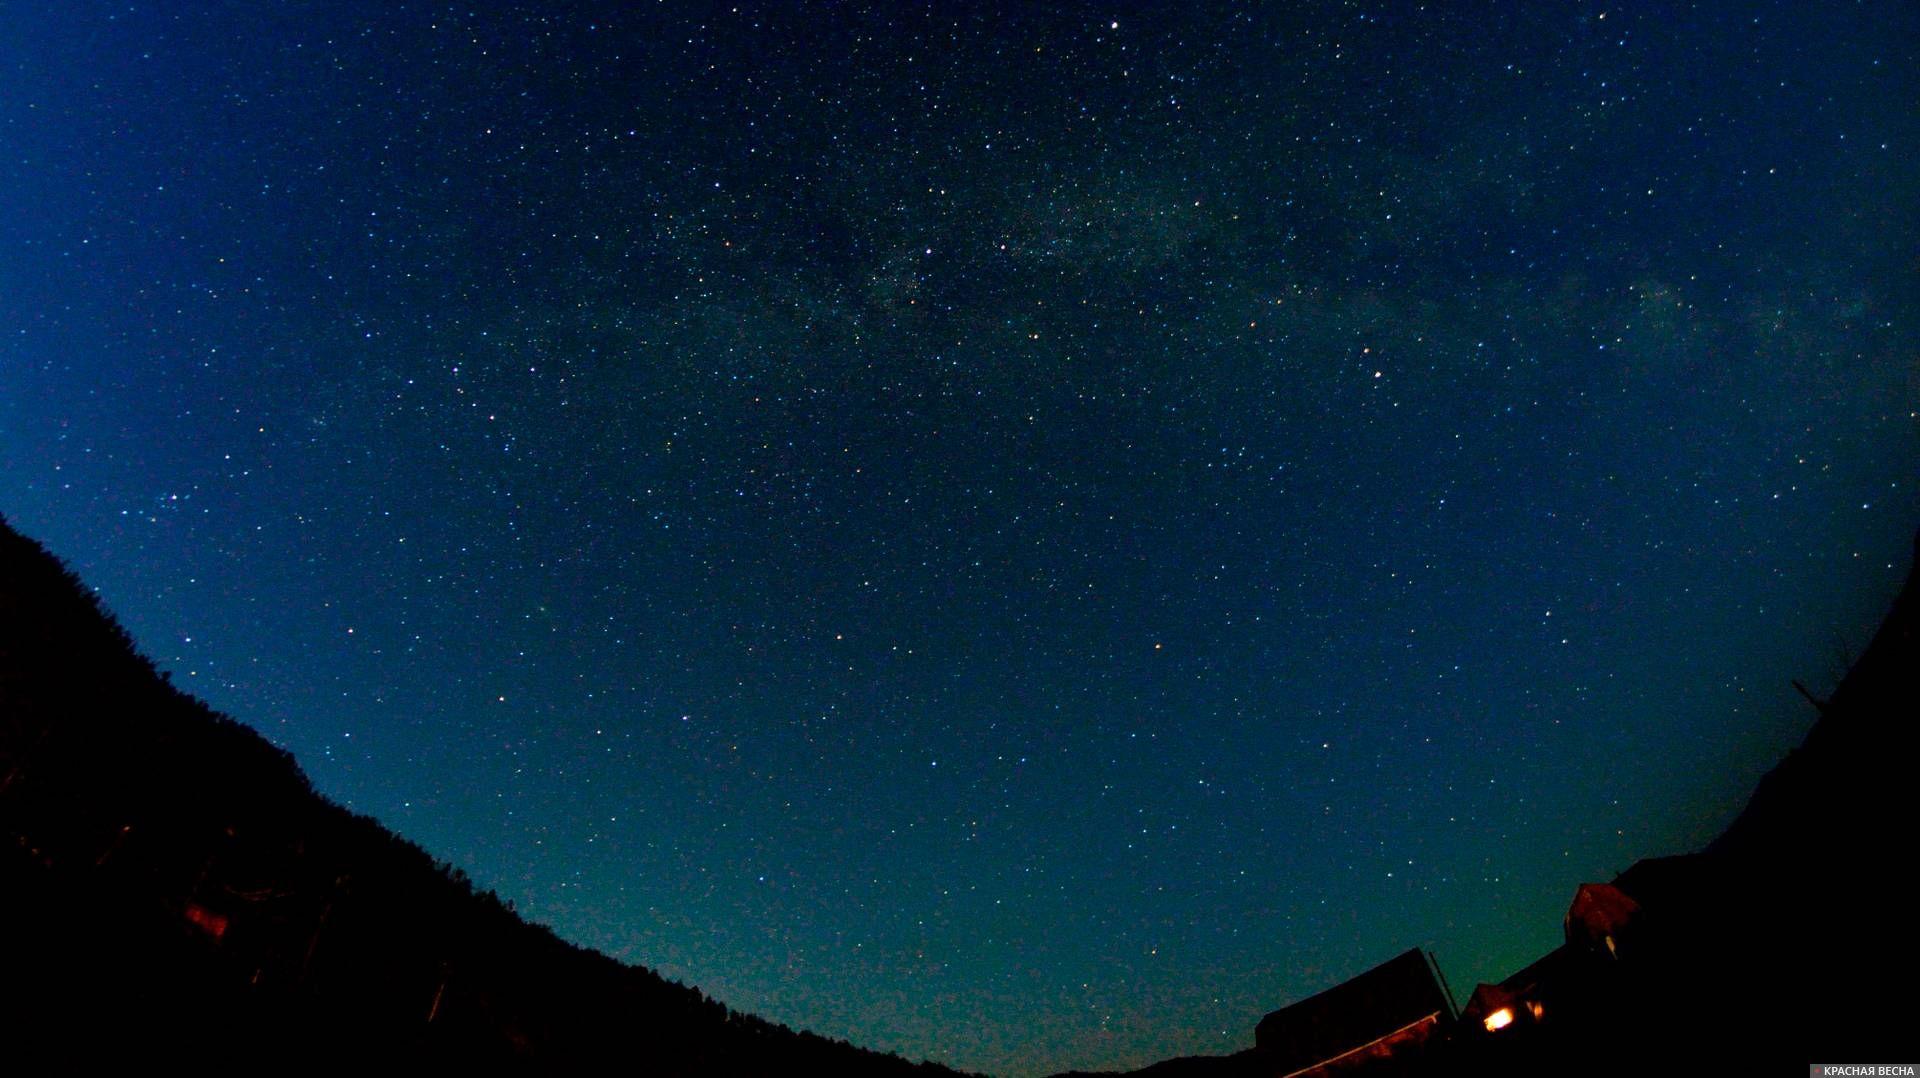 Ночное небо в деревне. Млечный путь.